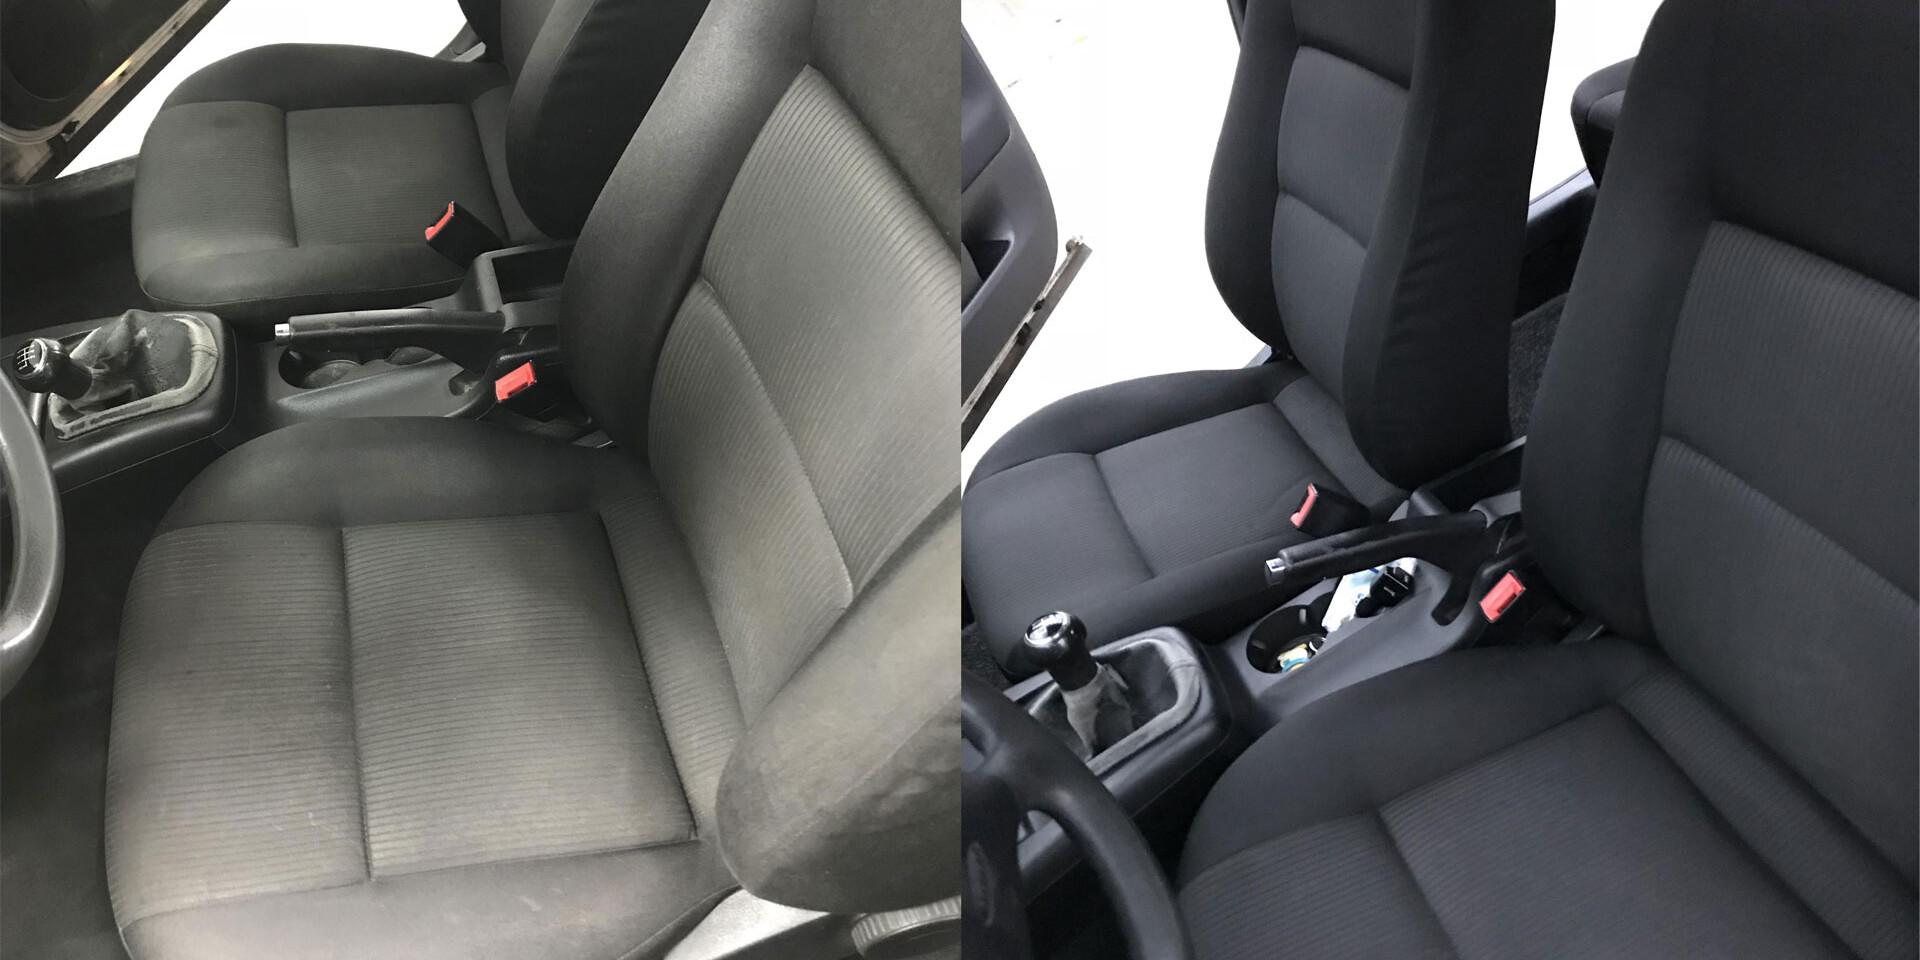 Čistenie auta alebo klimatizácie